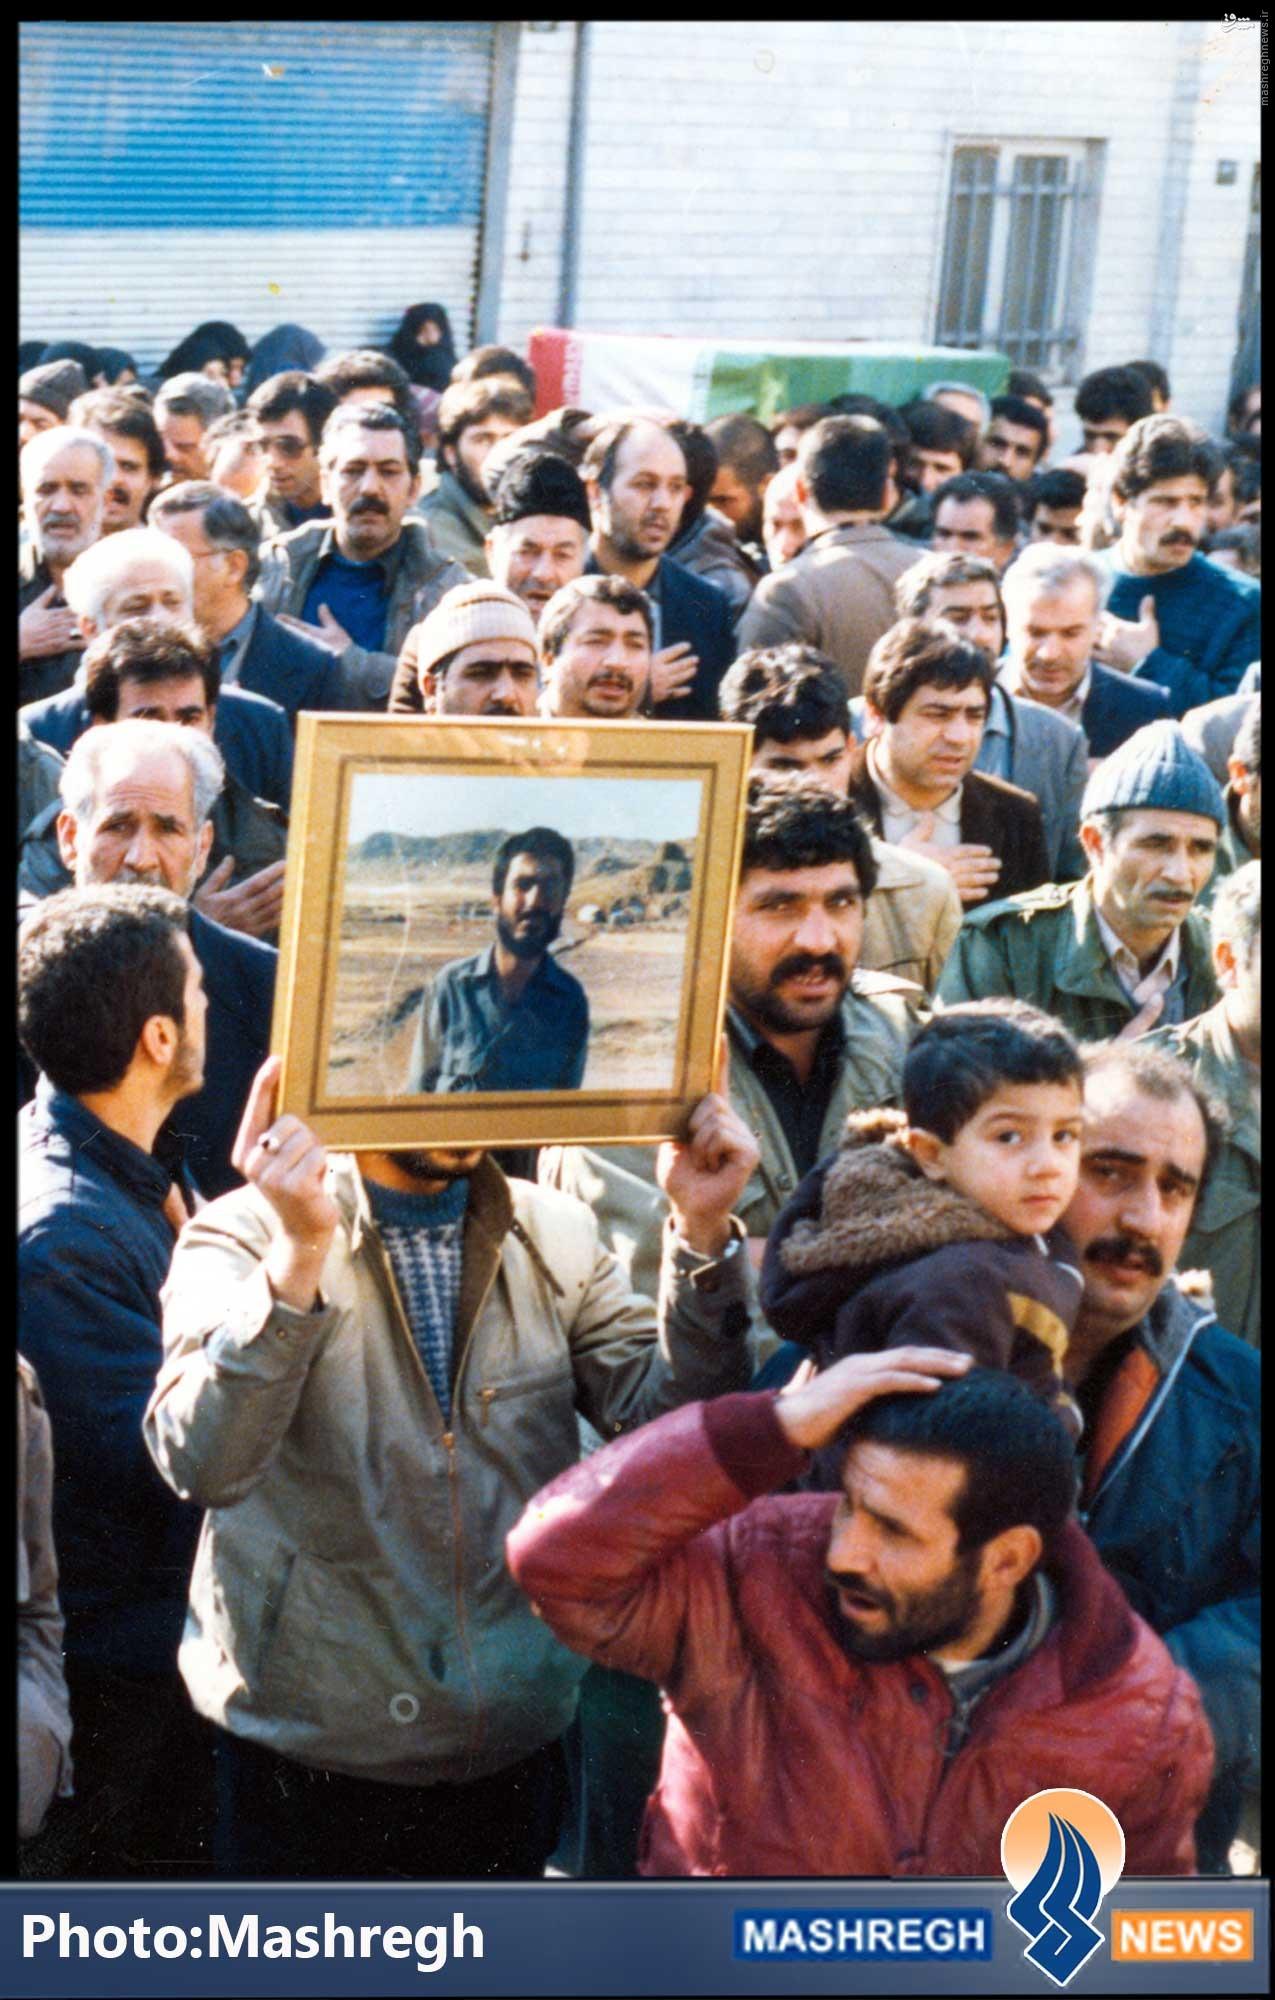 تصاویر/ نوزادی که «قهرمان ملی» است